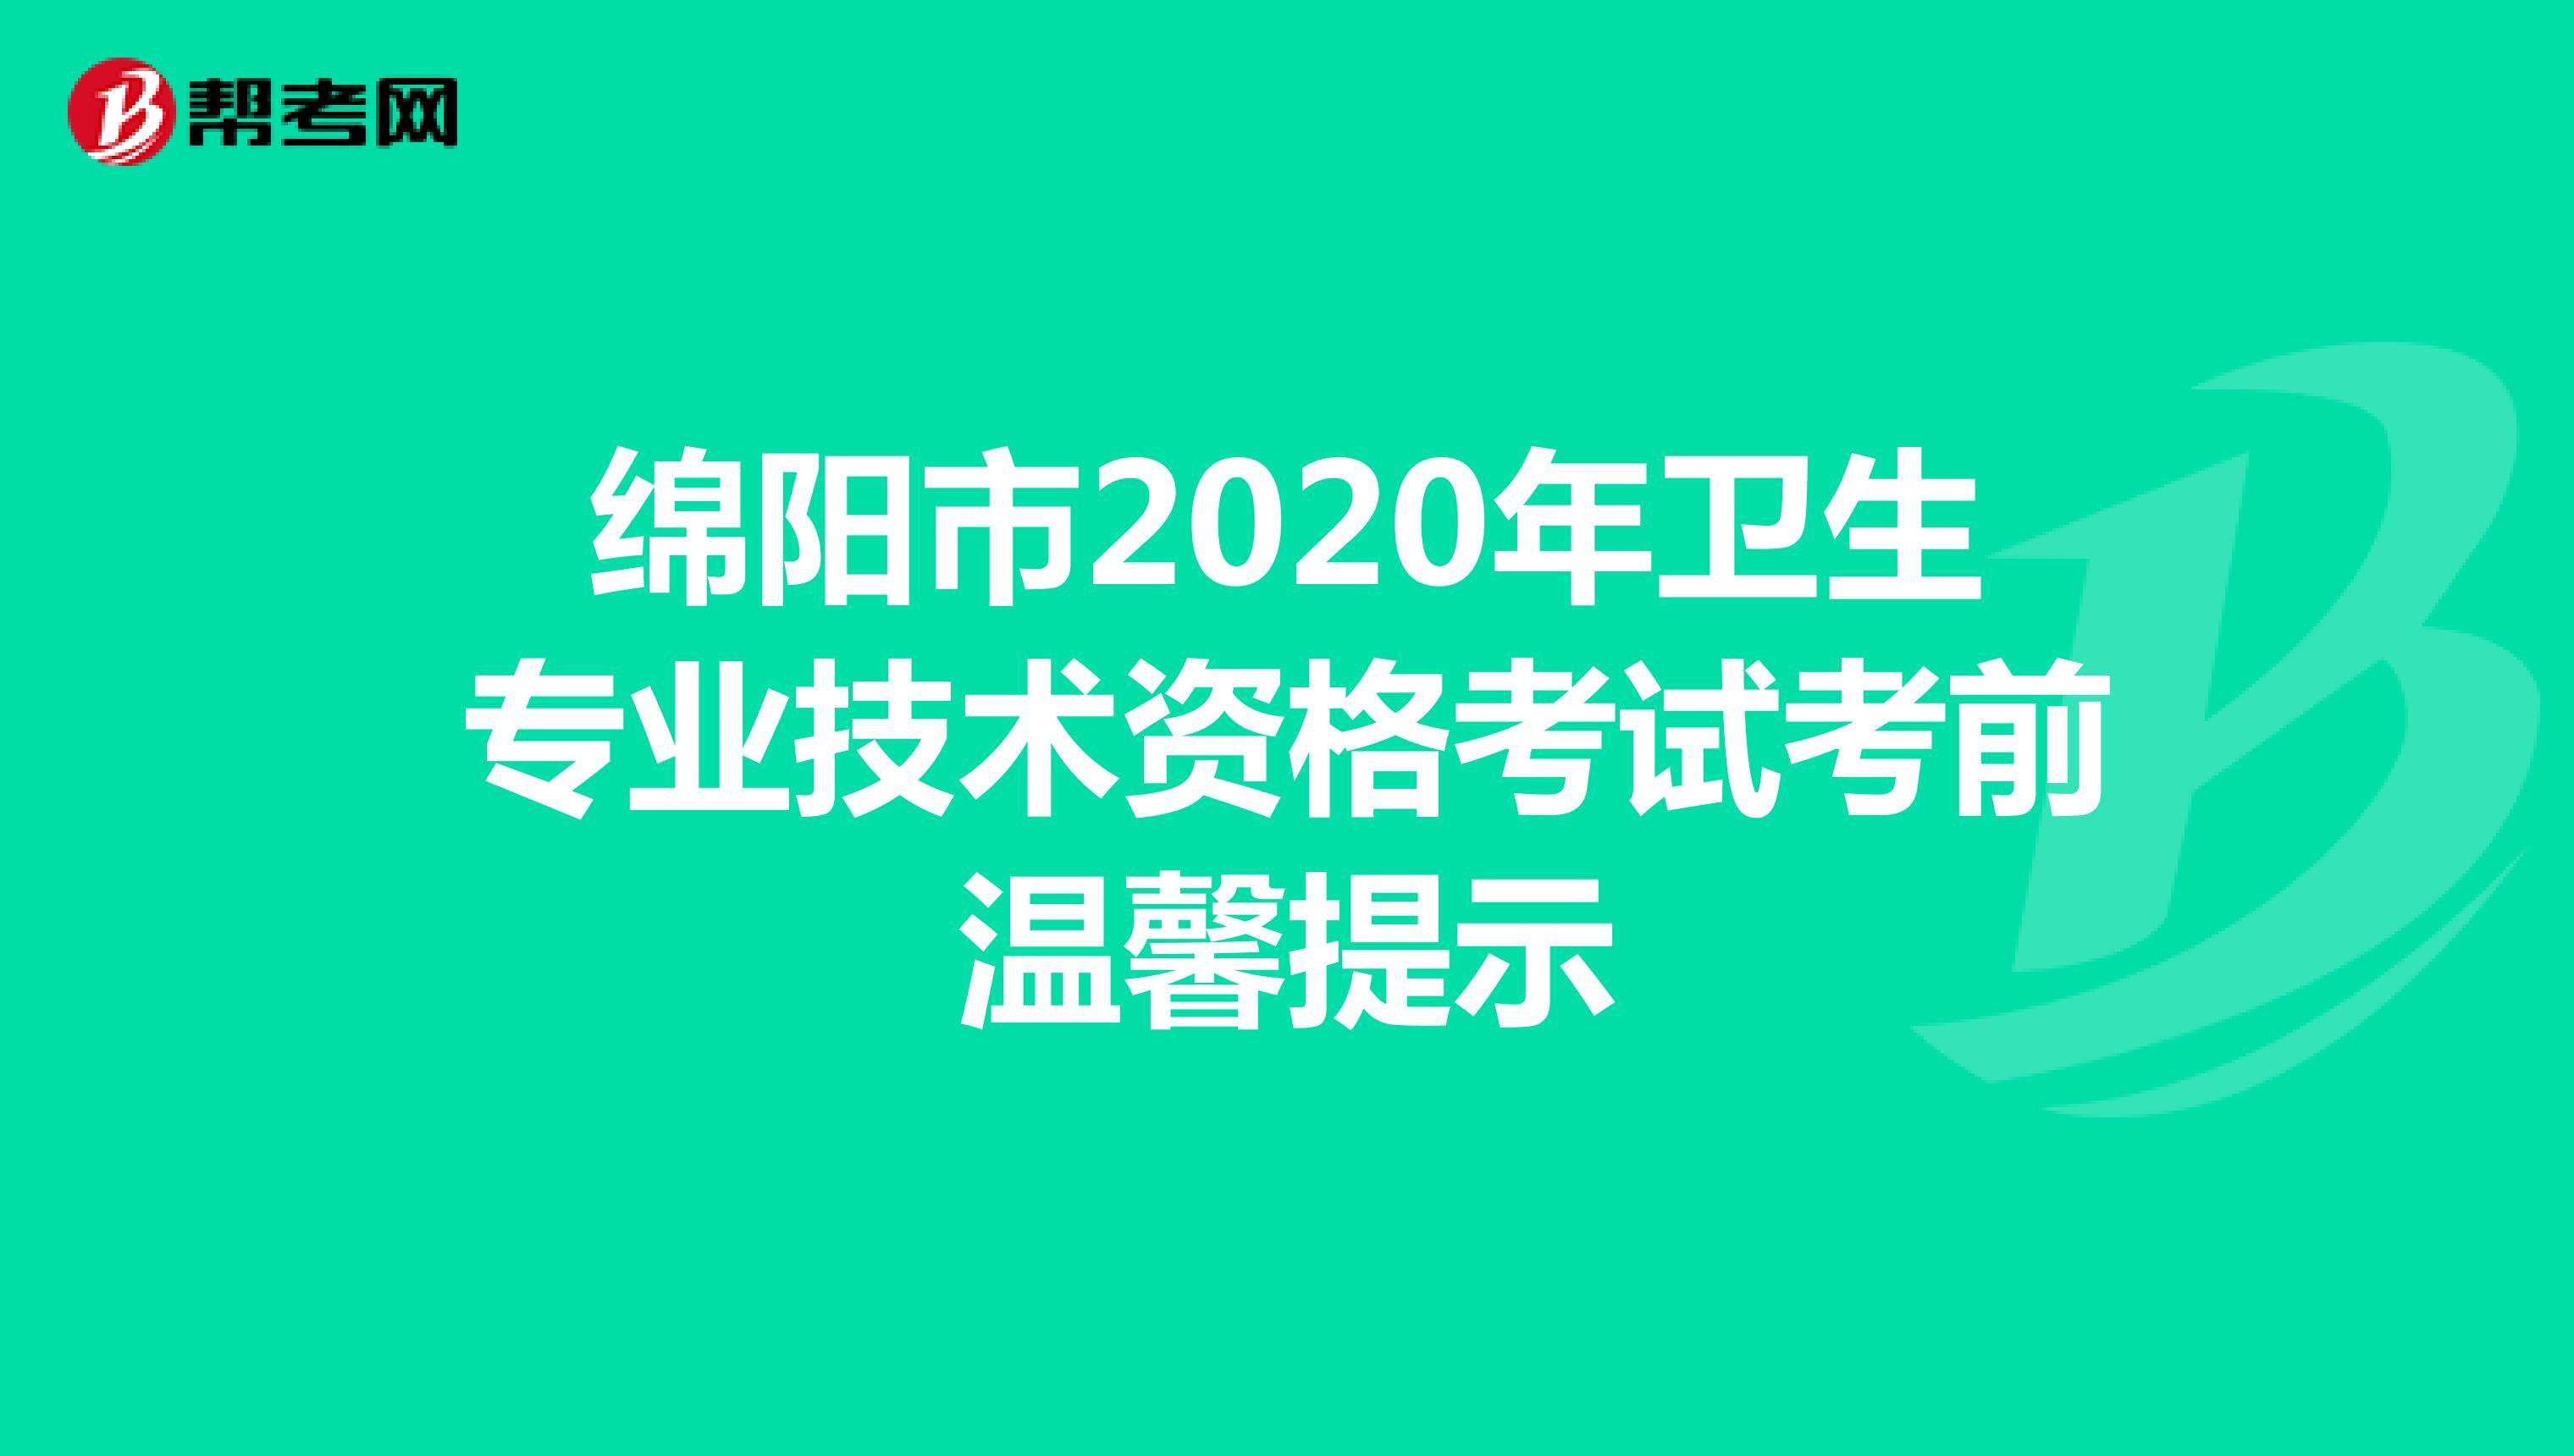 綿陽市2020年衛生專業技術資格考試考前溫馨提示